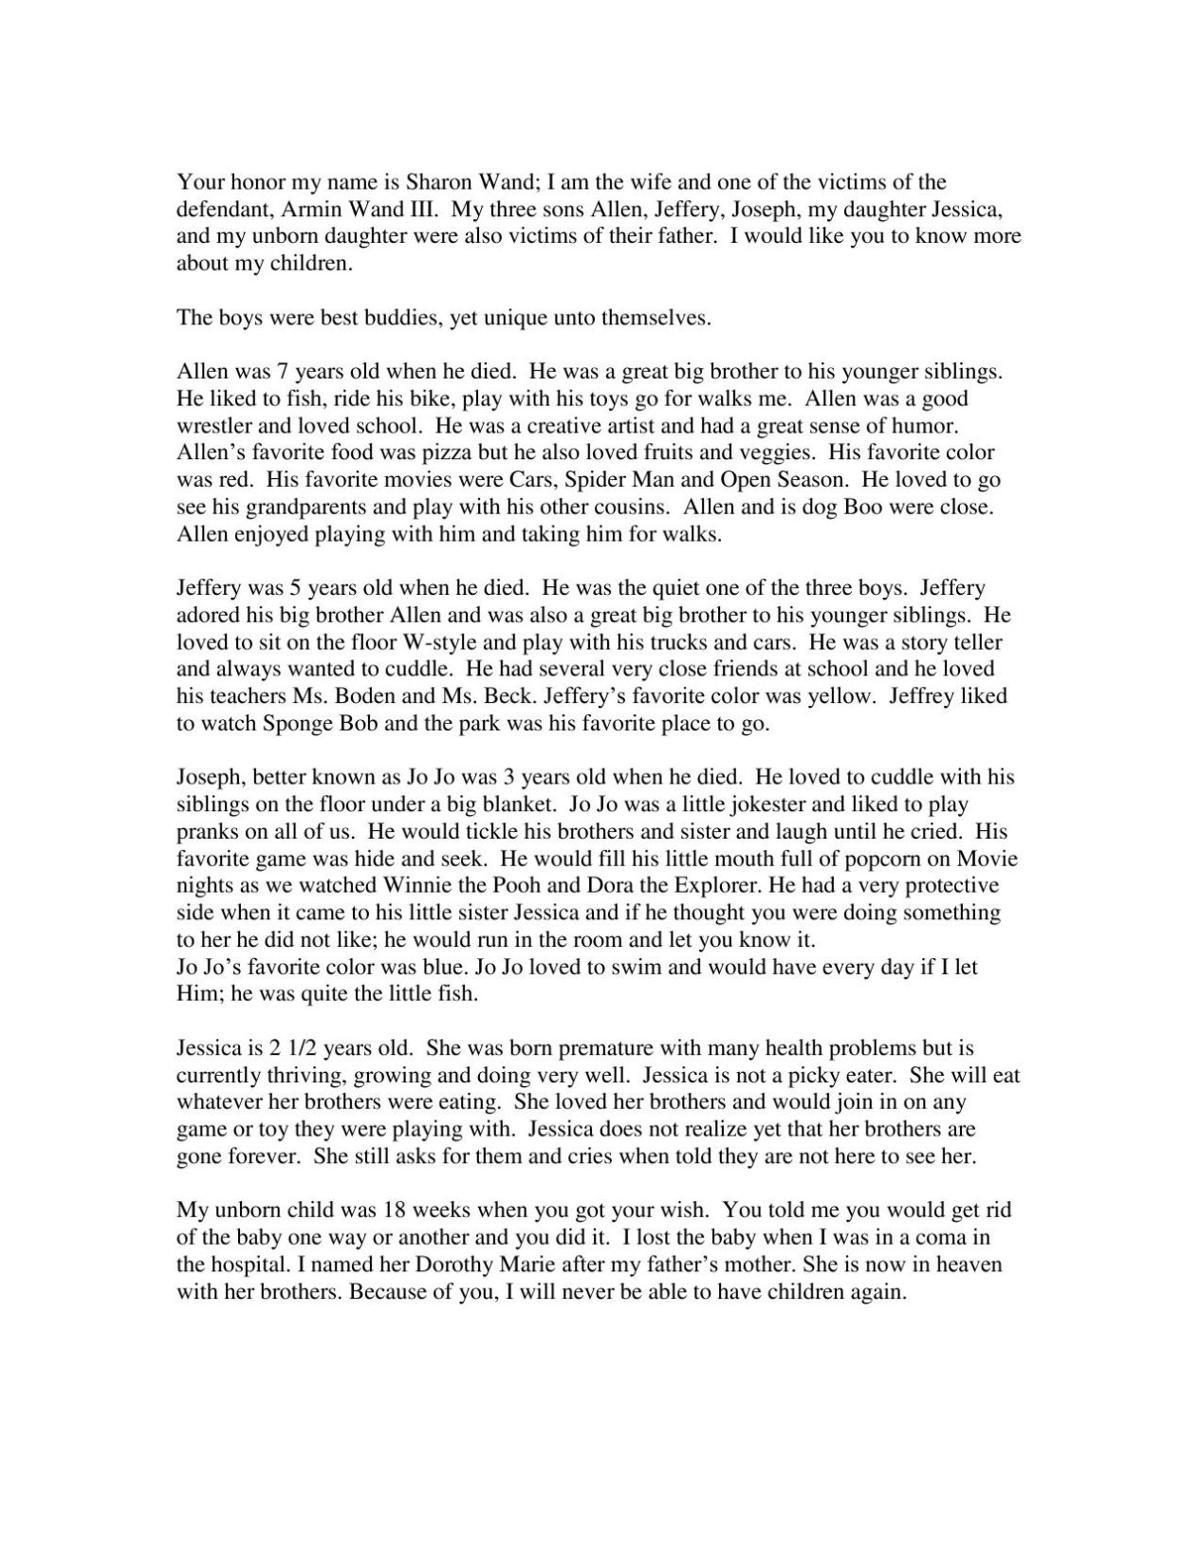 sharon wand victim impact statement